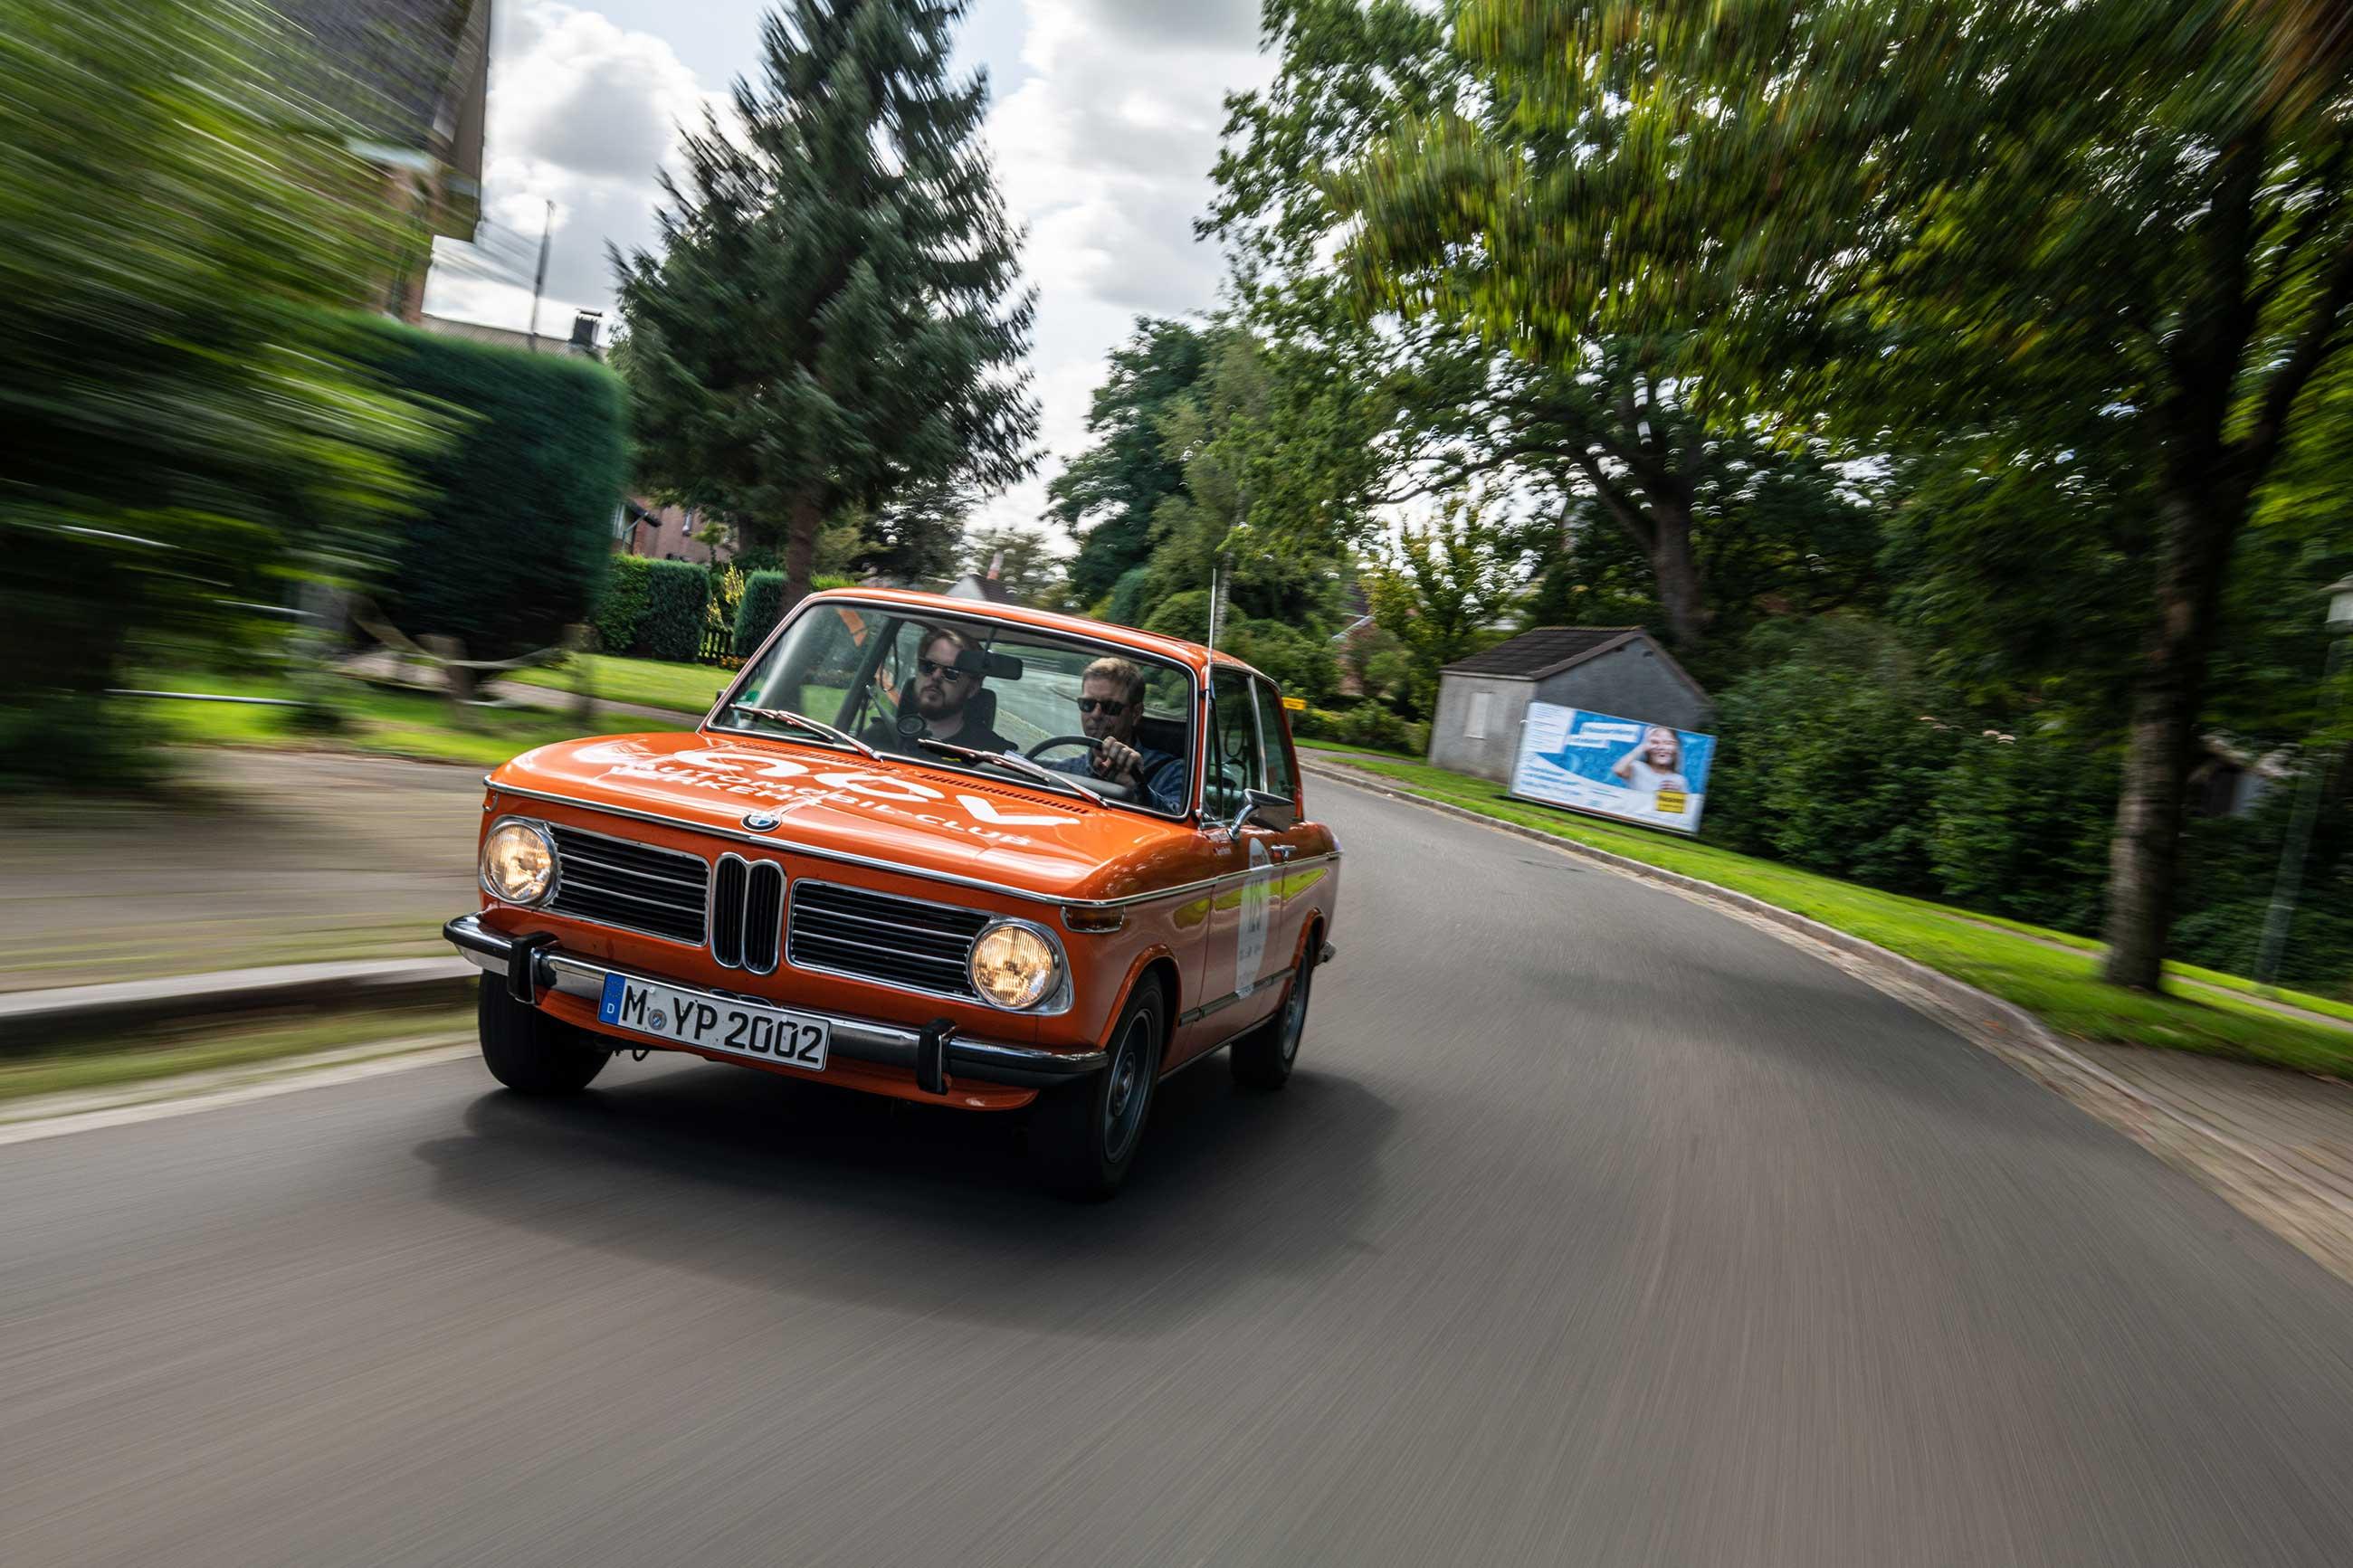 Bericht: Meine Teilnahme an der Creme 21 Youngtimer Rallye 2019 Creme-21-Youngtimer-Rallye-2019_Nachbericht_112